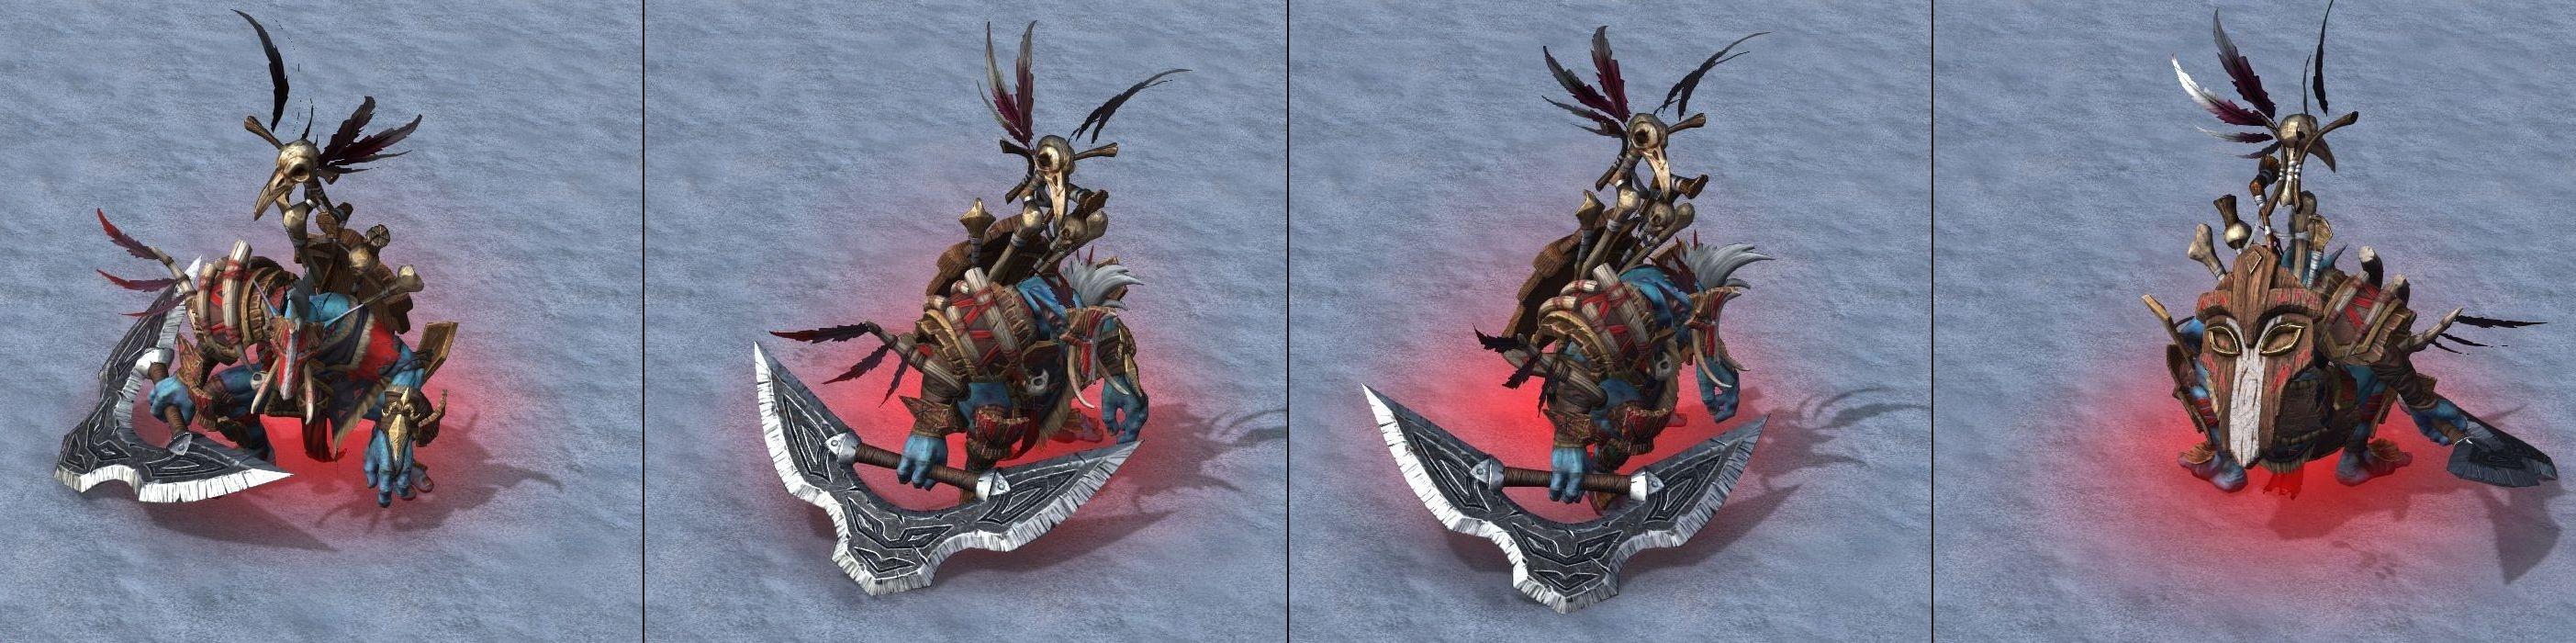 Warcraft III Reforged : Shadow hunter